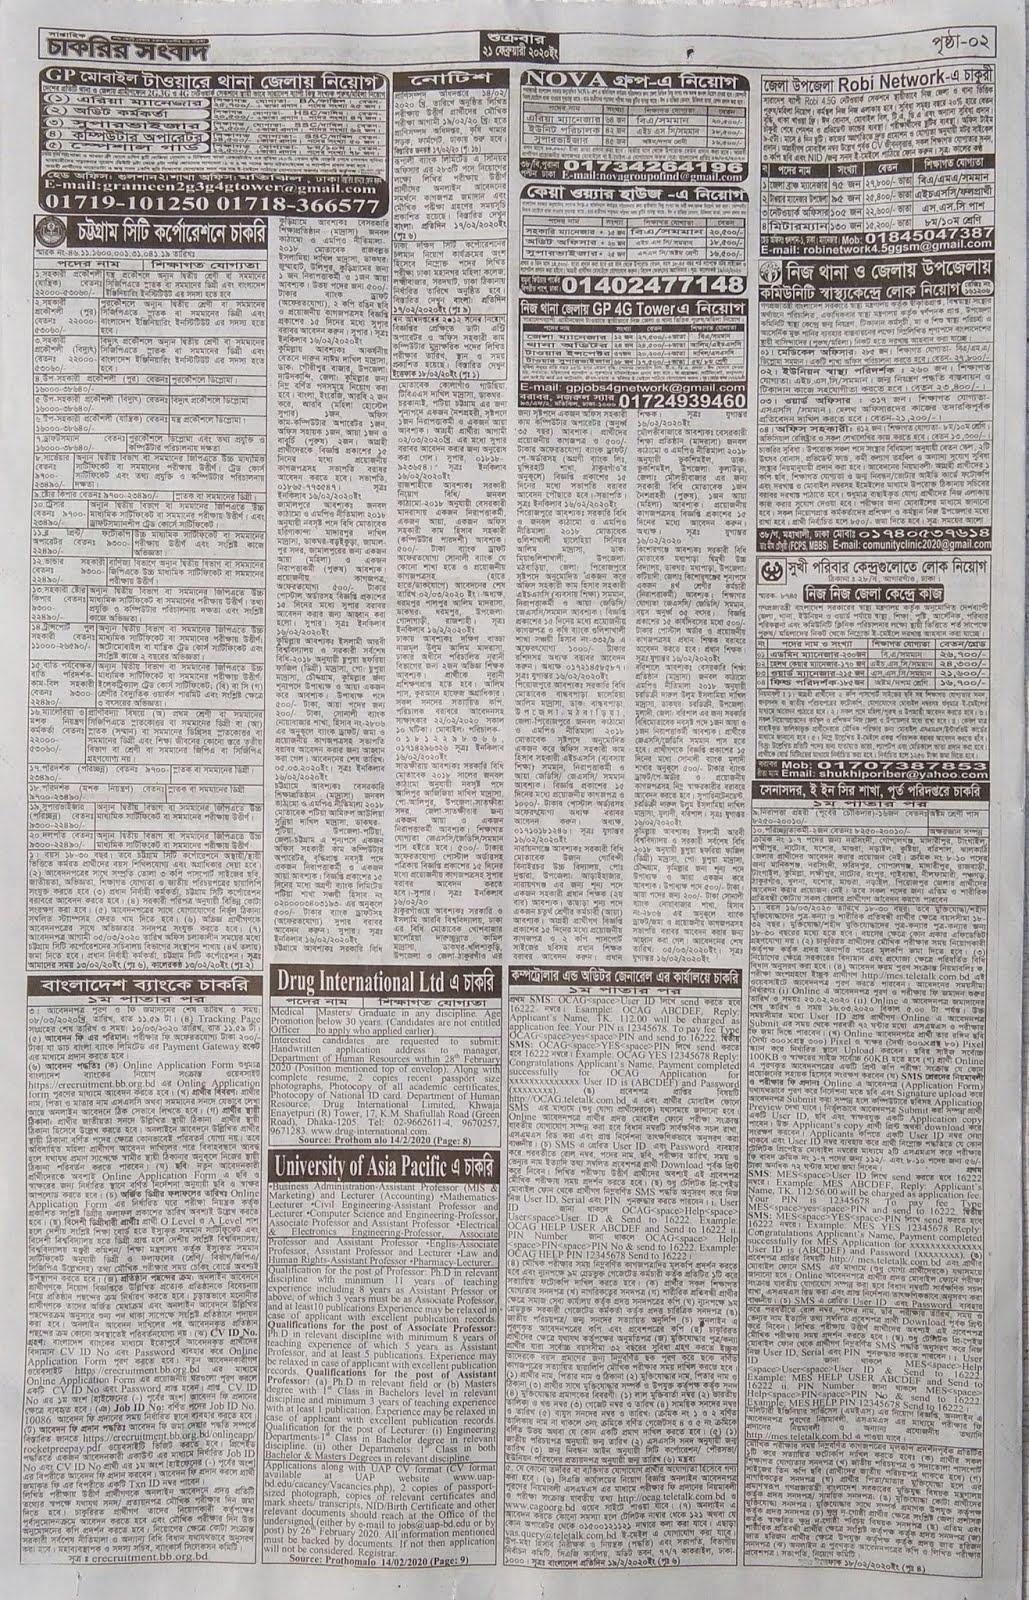 Weekly job newspaper 21 February 2020